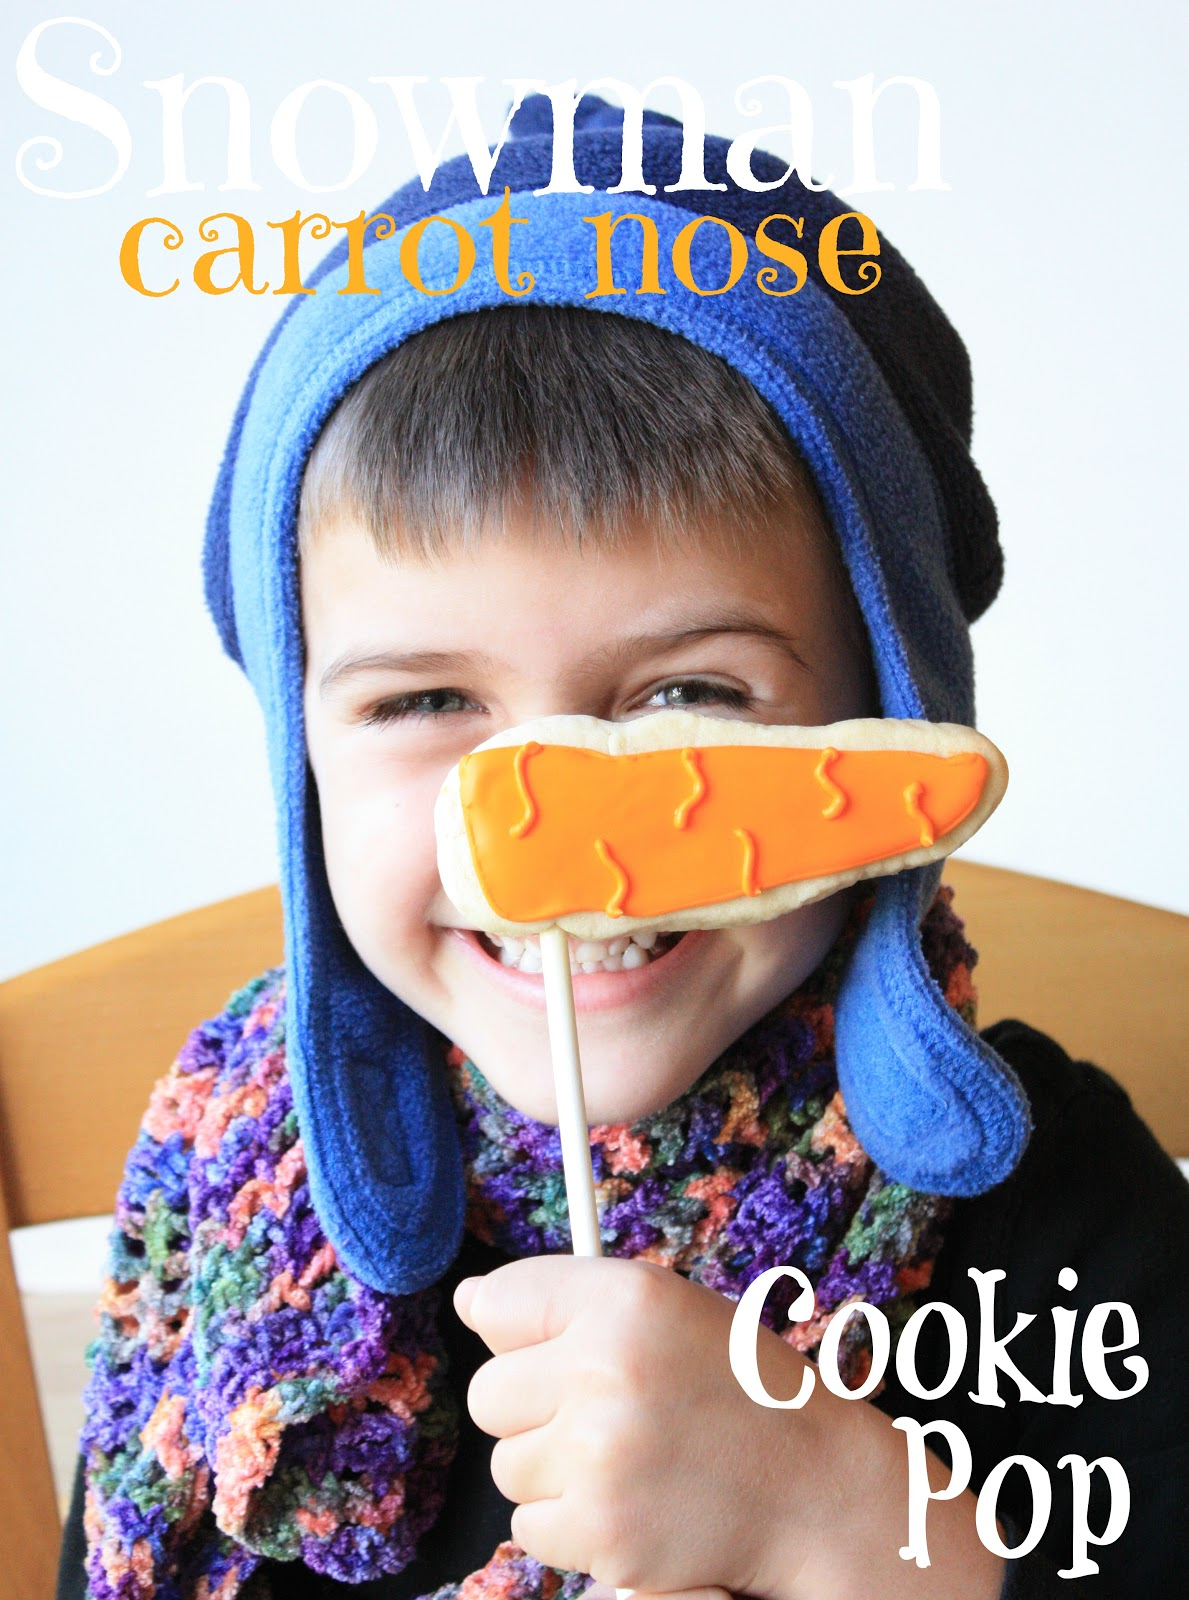 Munchkin Munchies Snowman Carrot Nose Cookie Pop